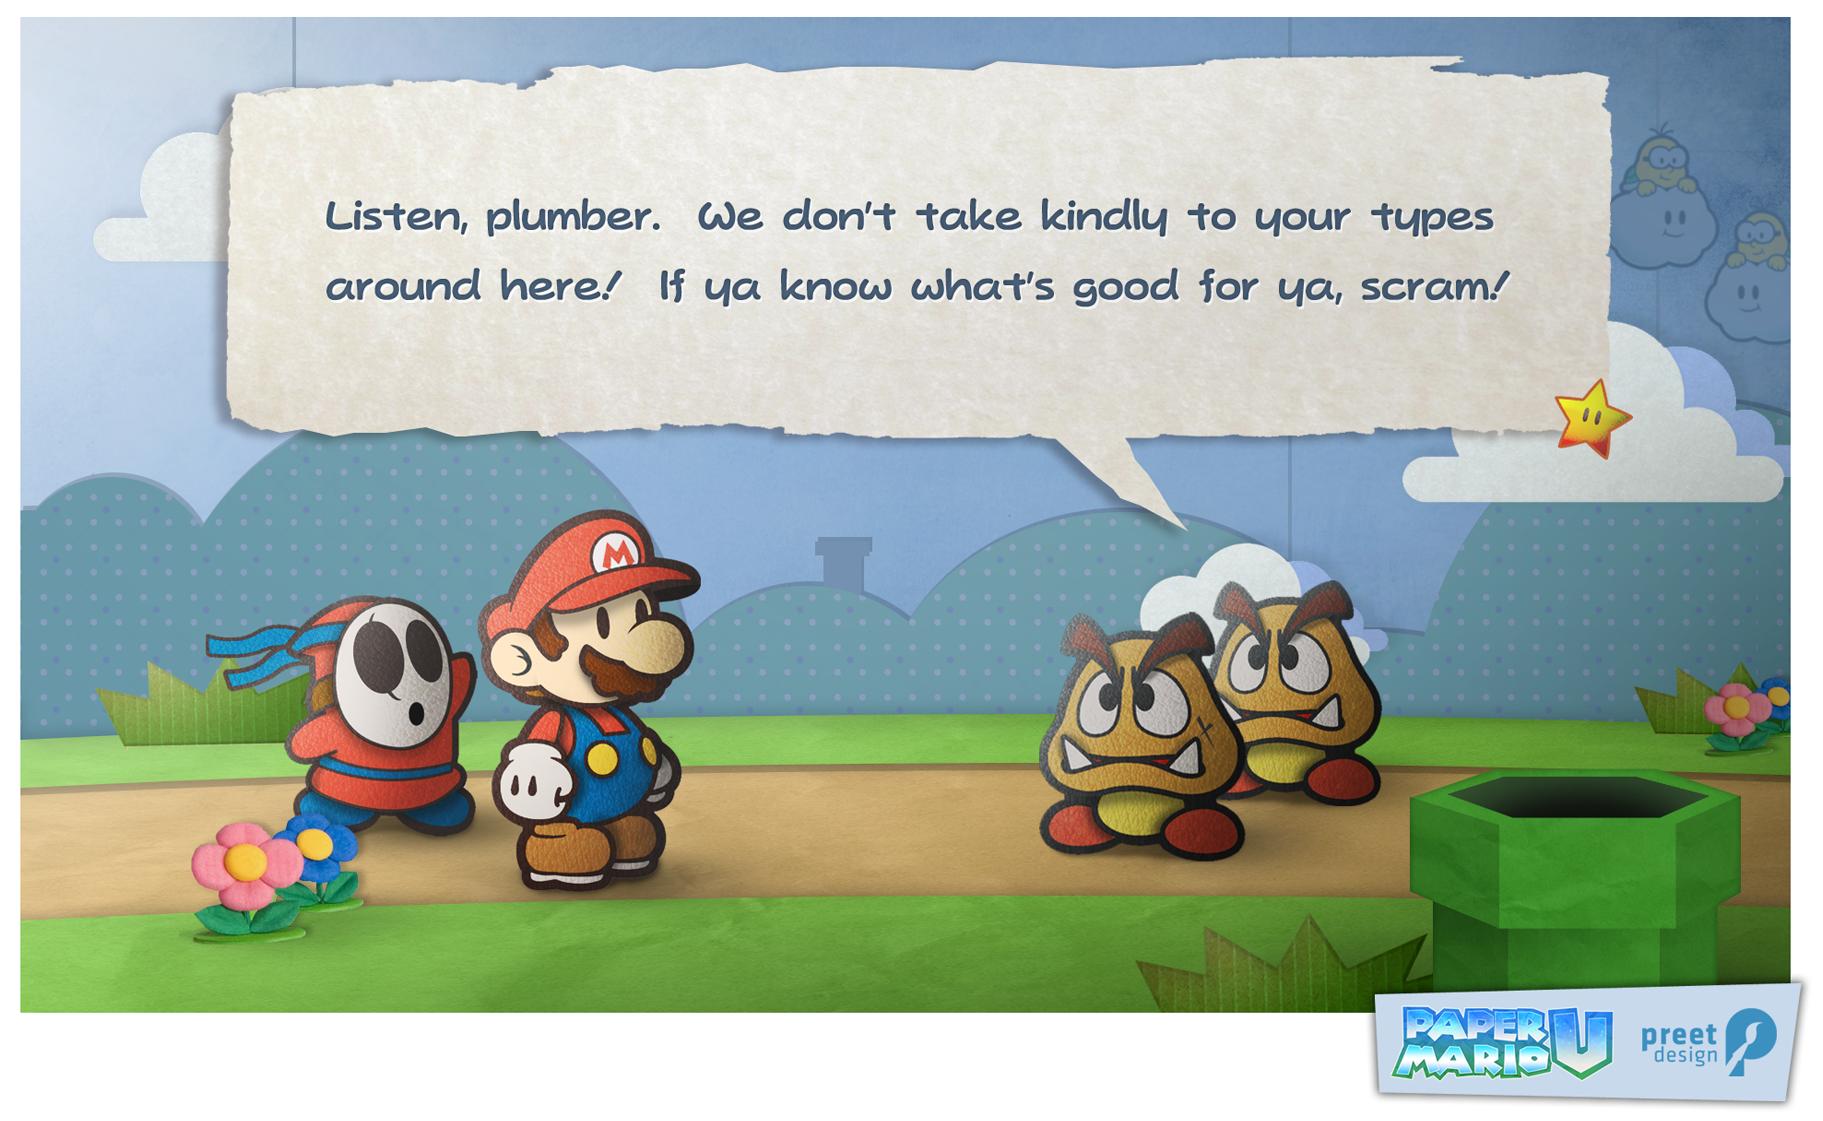 Custom Paper Mario Wii U Screenshot   General Wii U Forum  Wii U rrZIldRT